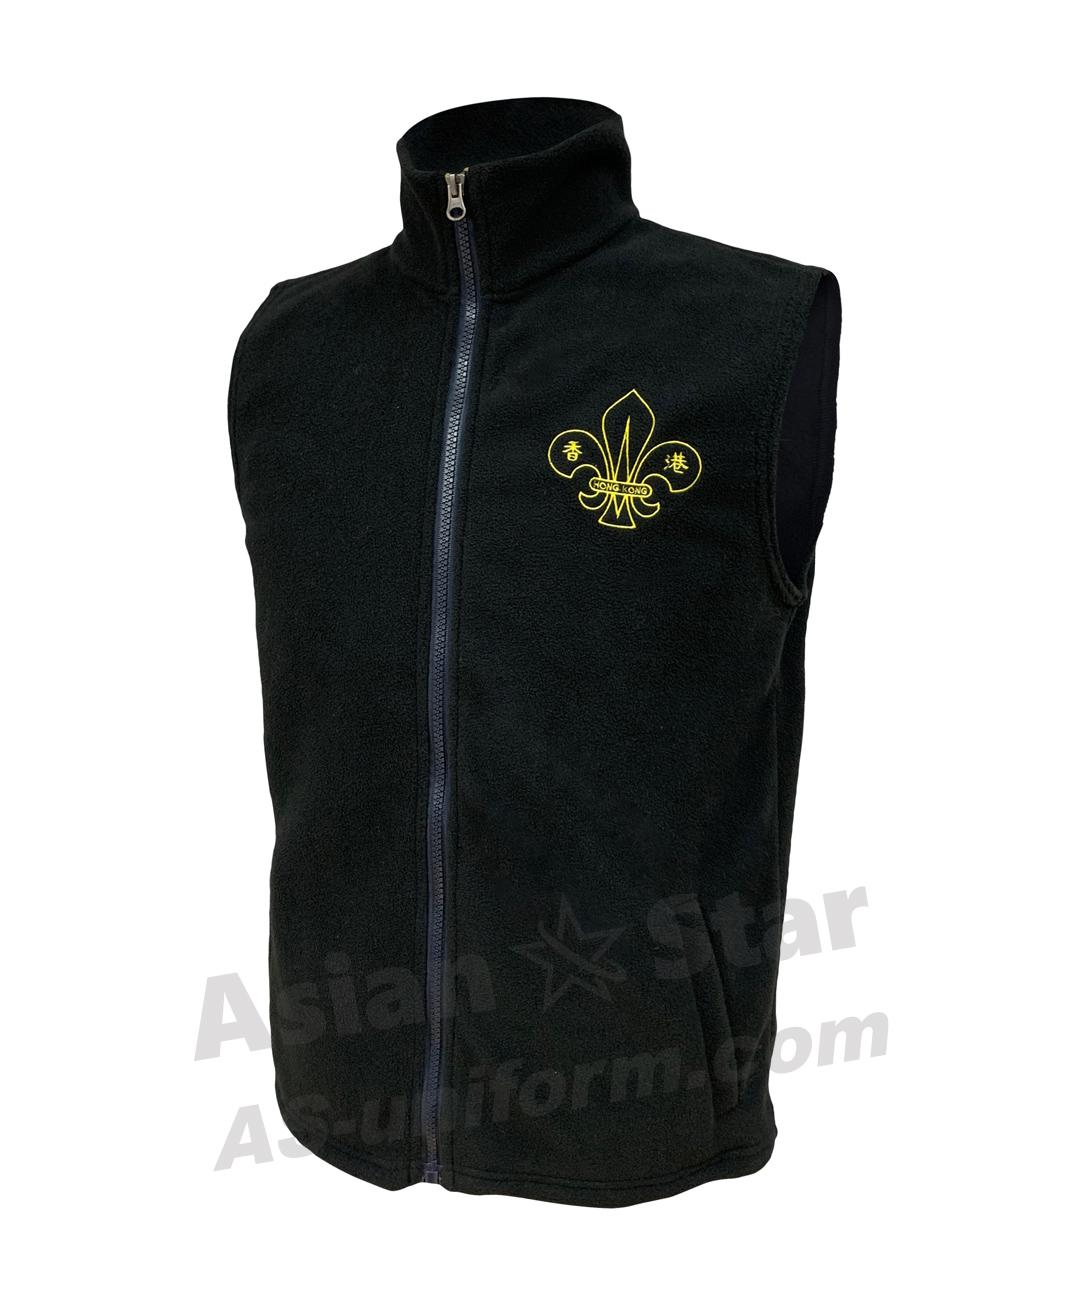 抓絨背心外套訂造AS401B-香港童軍總會